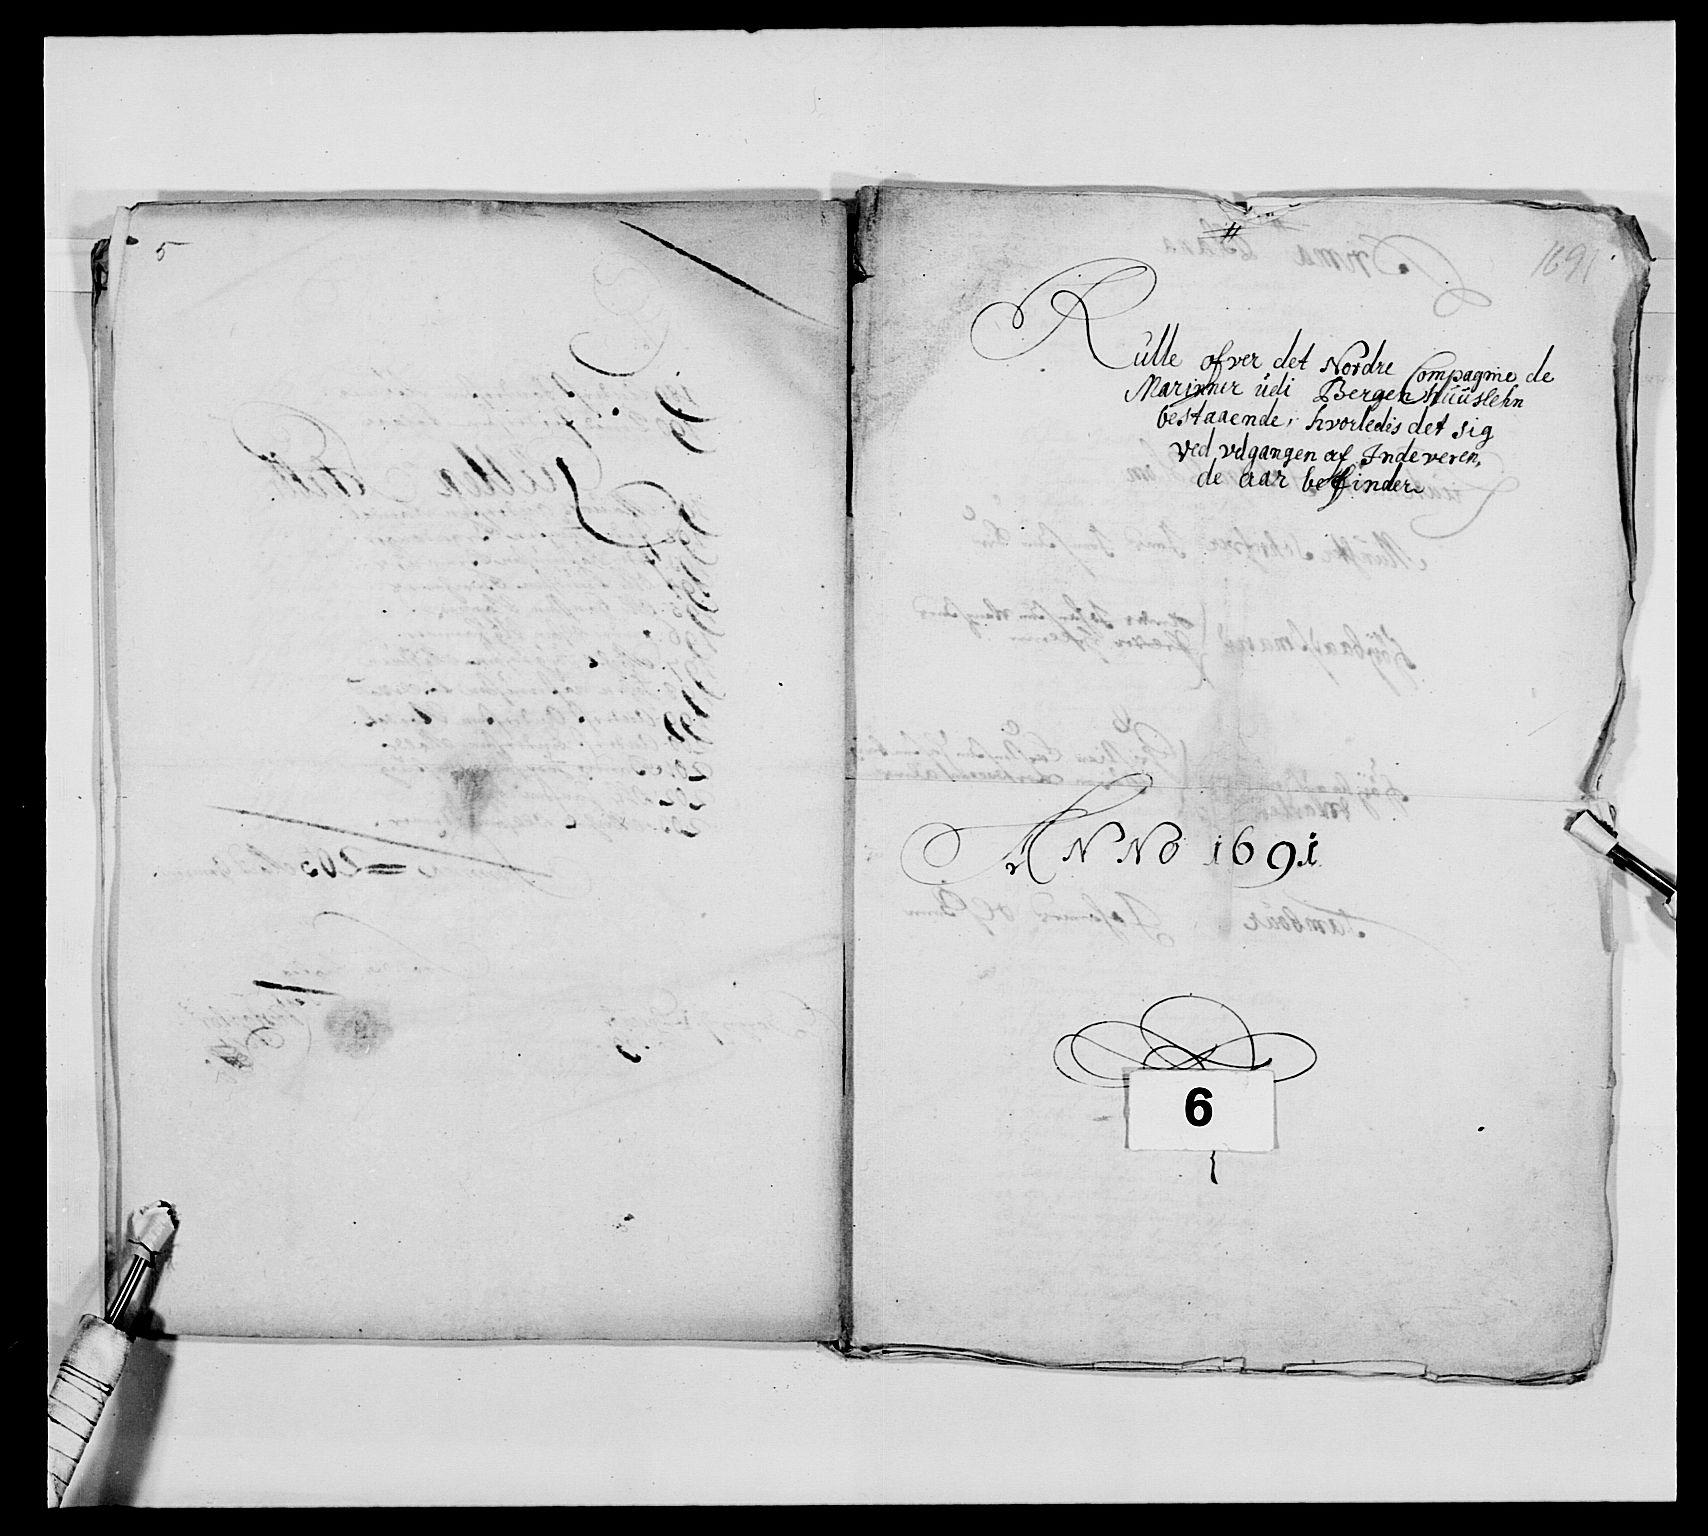 RA, Kommanderende general (KG I) med Det norske krigsdirektorium, E/Ea/L0473: Marineregimentet, 1664-1700, s. 150